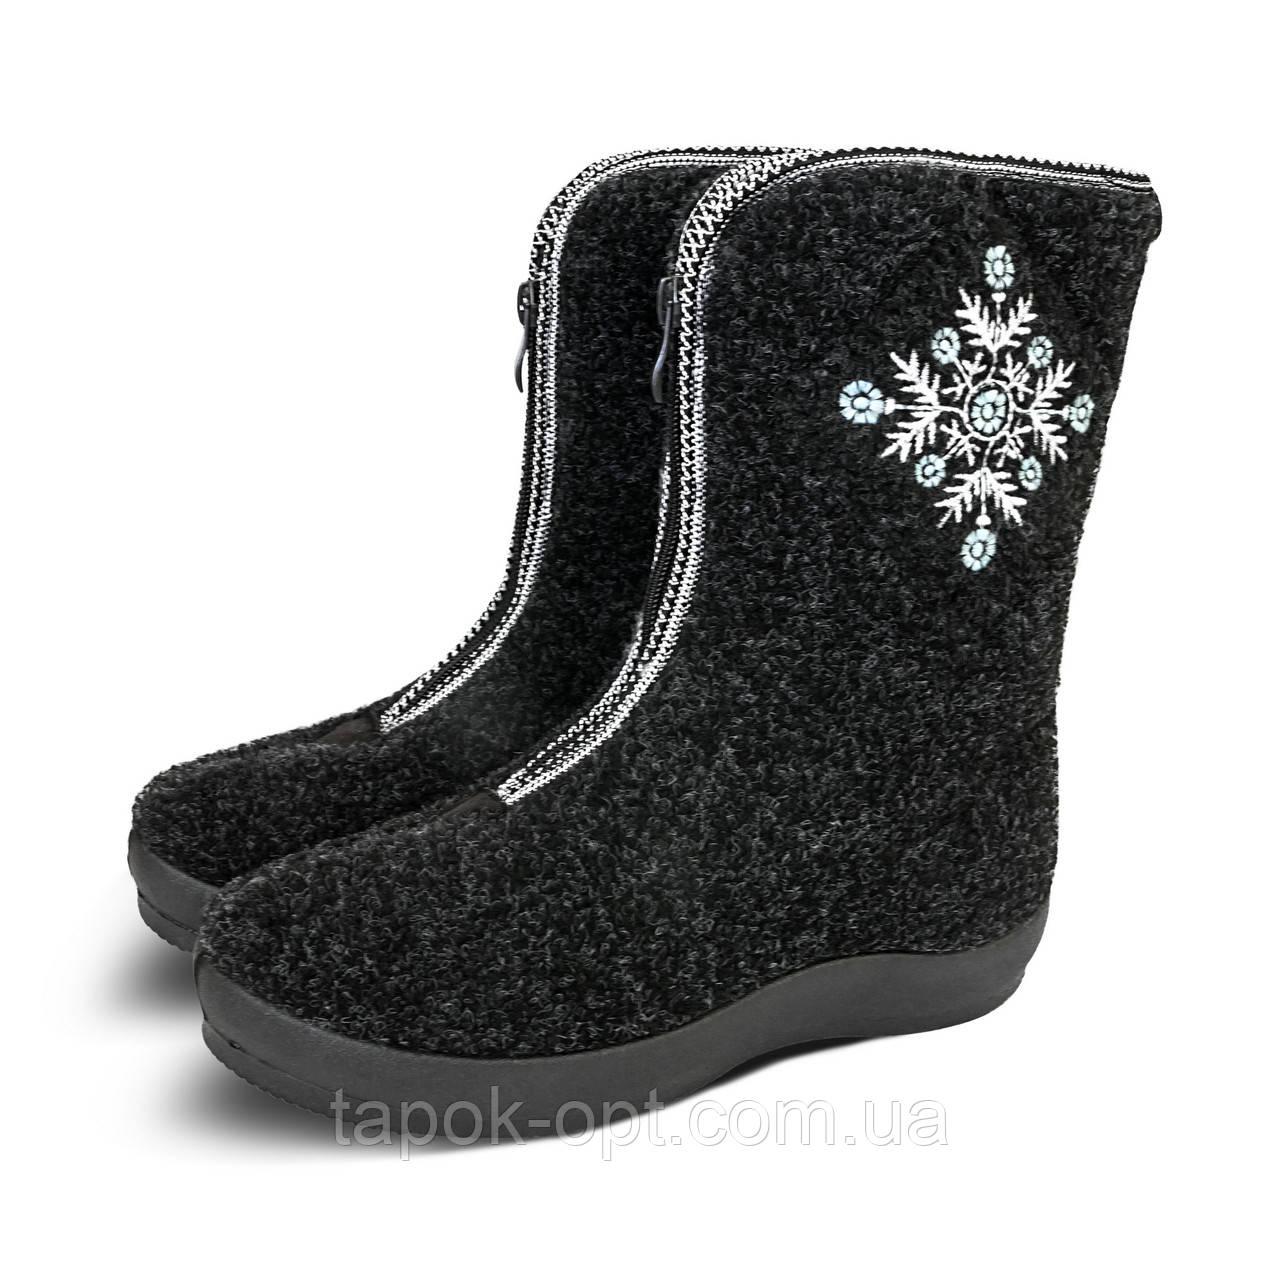 2baff5d5c Бурки женские высокие с молнией, оптом - Оптовый интернет-магазин  качественной и недорогой обуви